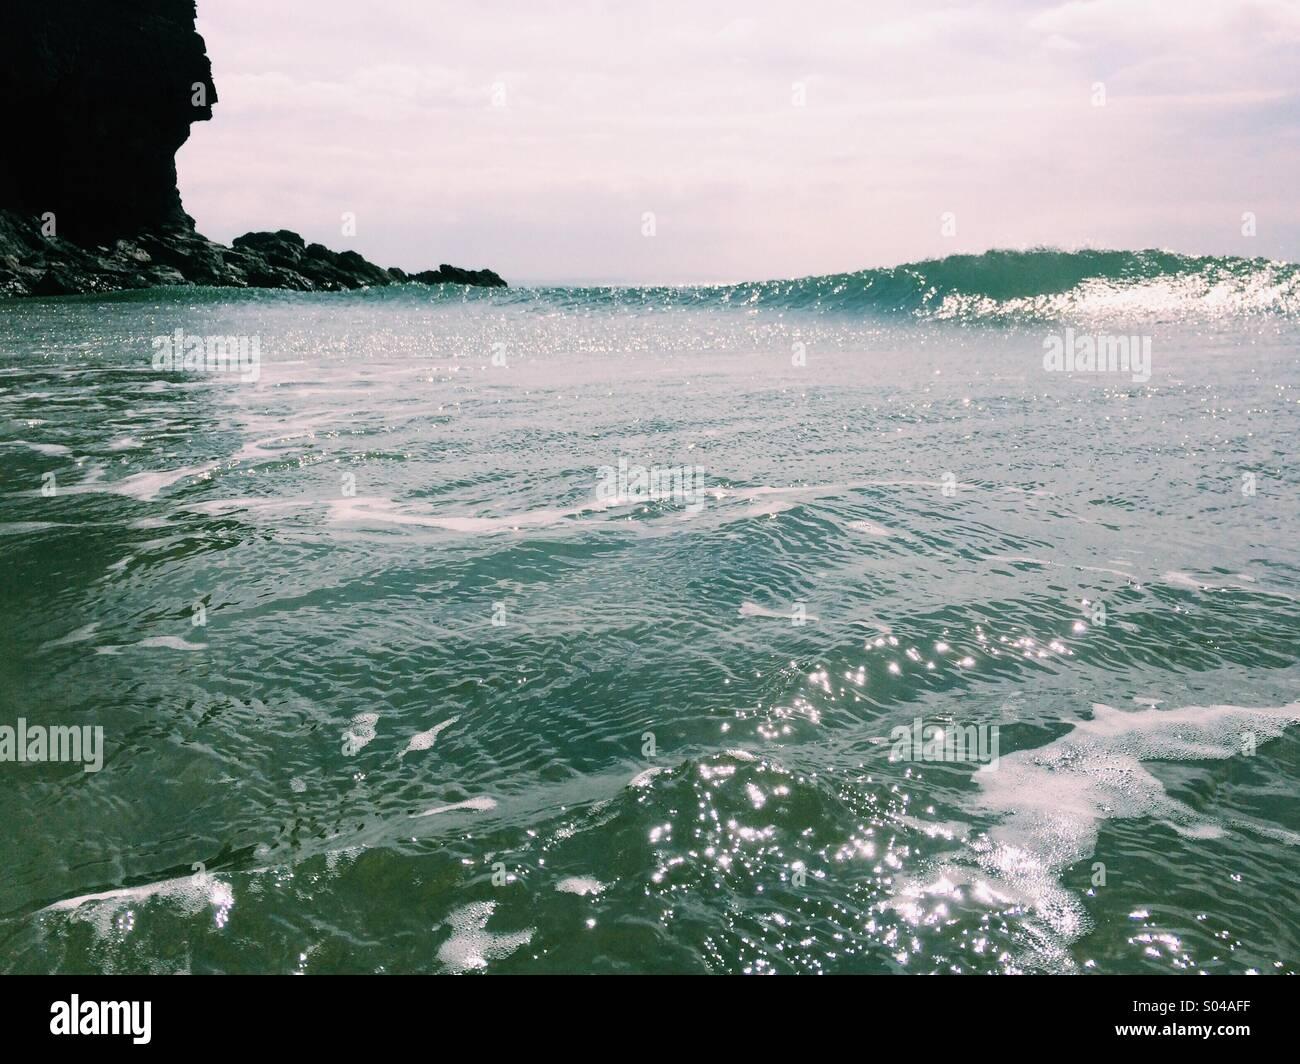 Einer felsigen Landzunge in Cornwall mit einer Welle an einem sonnigen Tag im Meer zu brechen. Stockbild